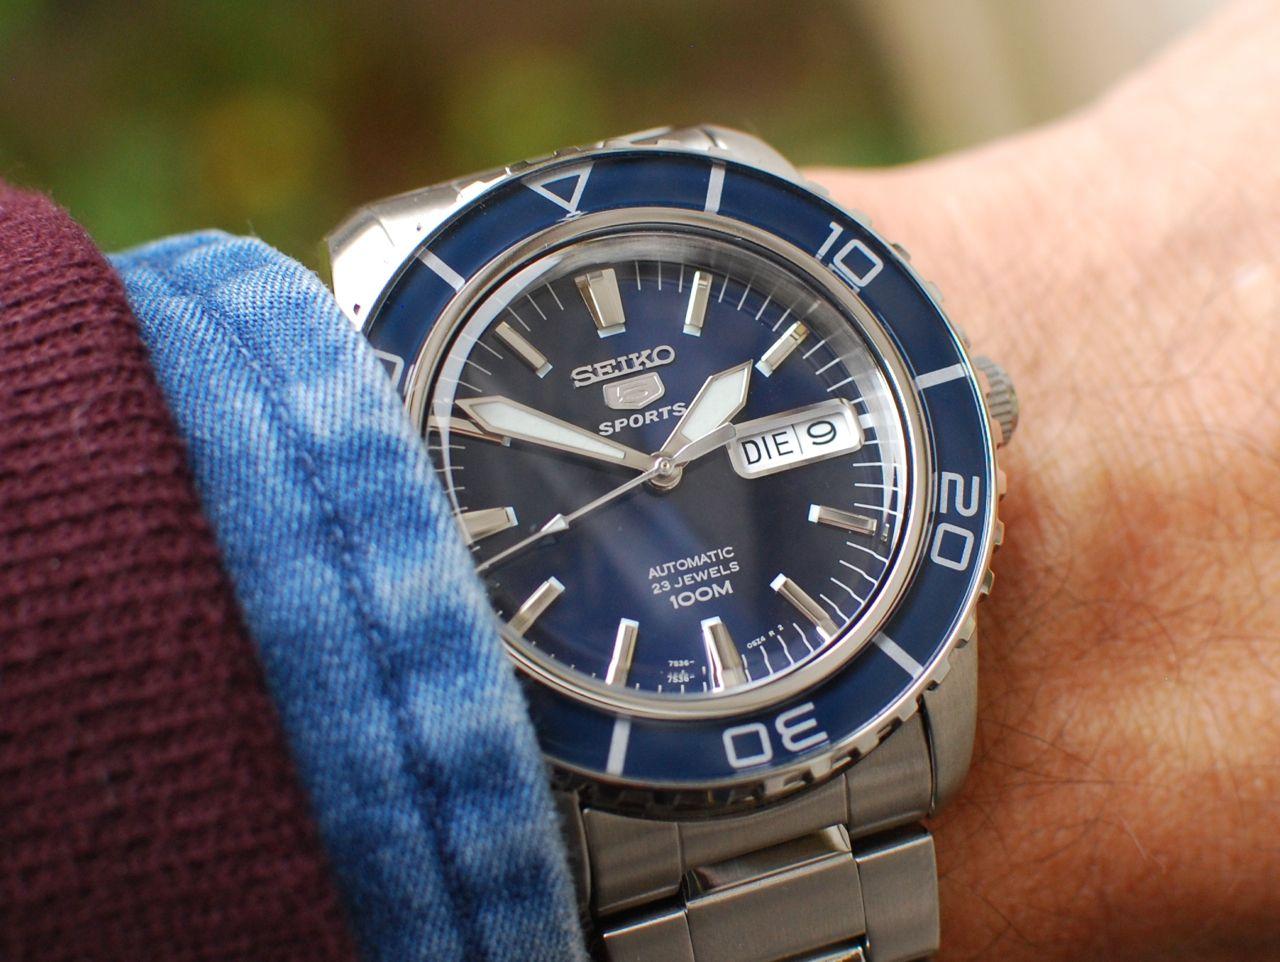 Chiếc đồng hồ Seiko nam trên tay cực chất